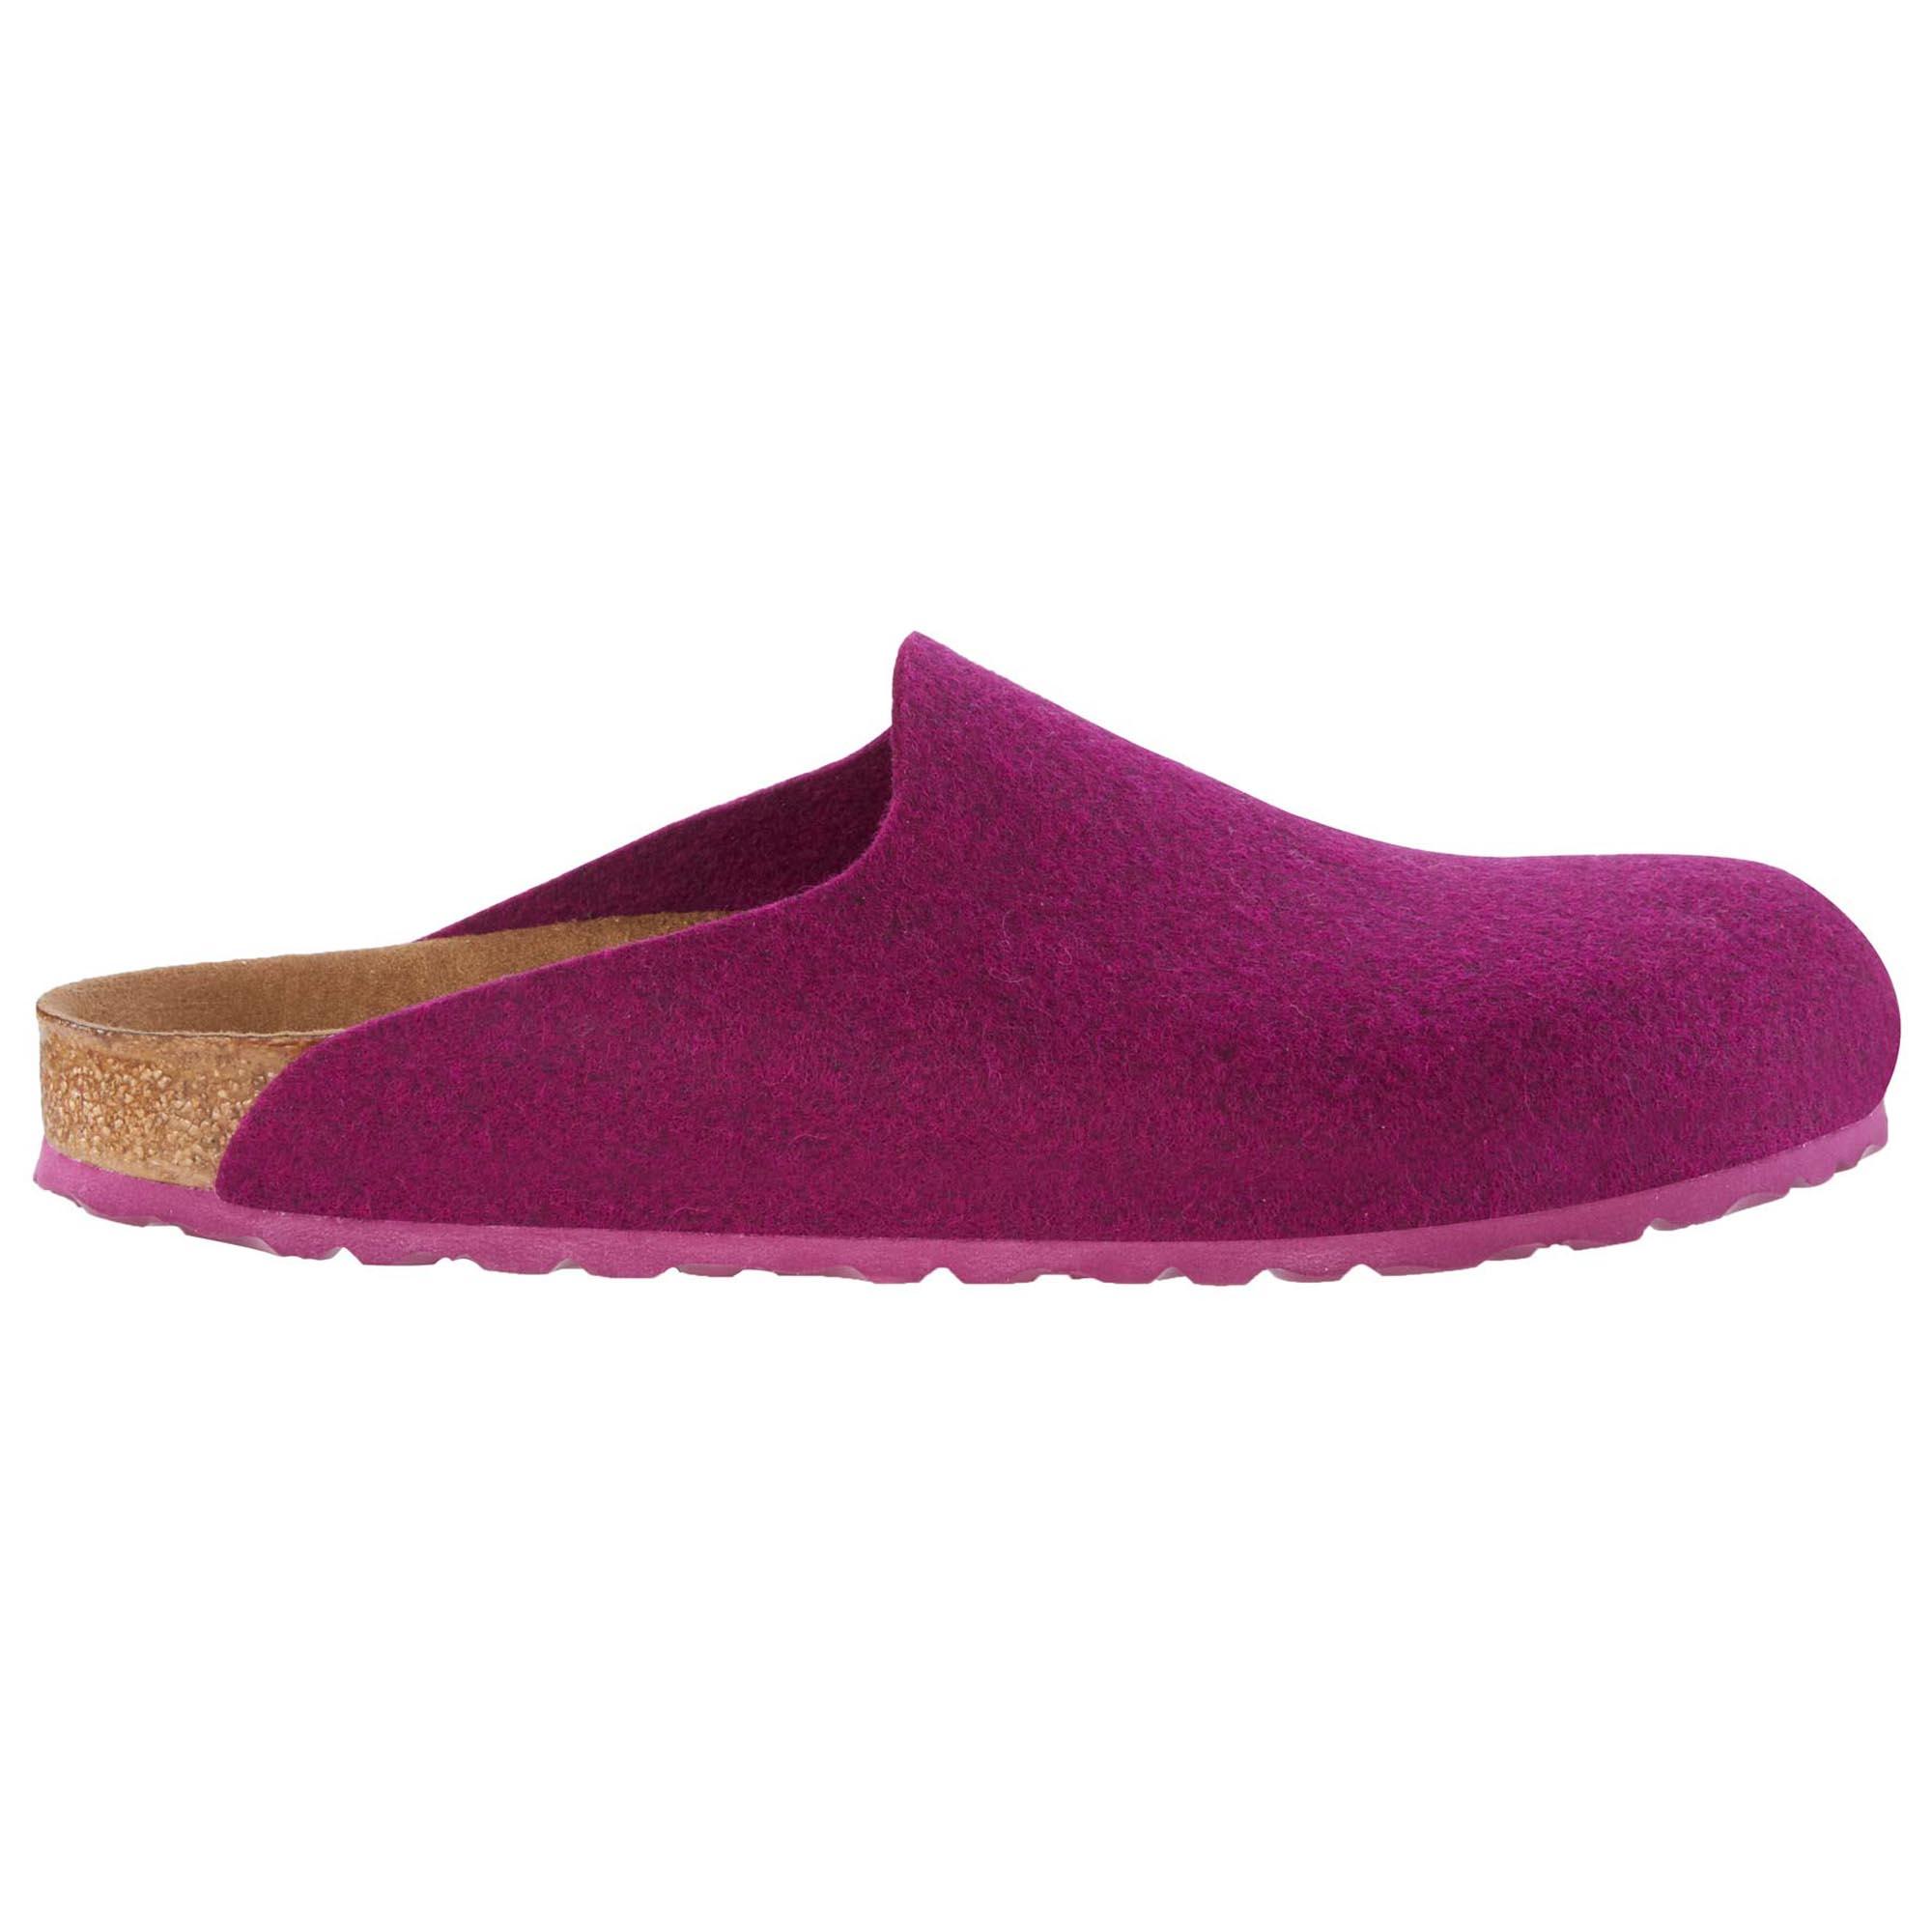 5597, Sabots Femme - Violet - Violet (Purpur), 35Birkenstock